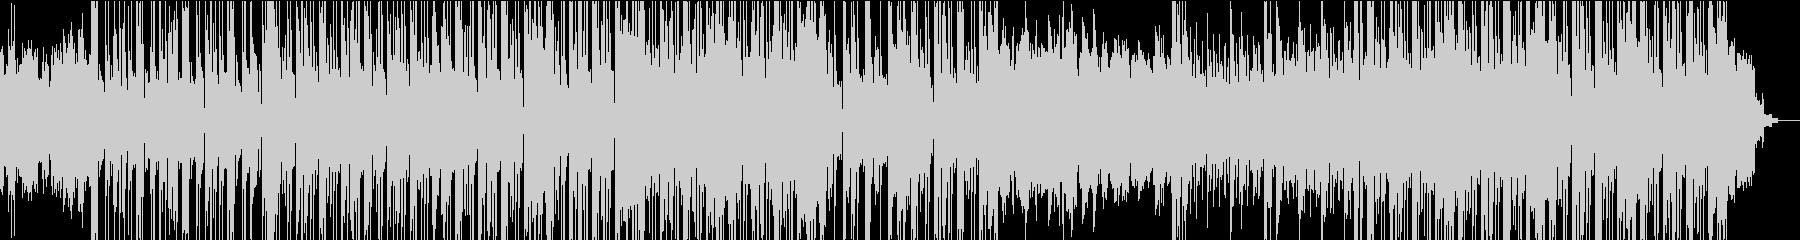 シンセによるハードエッジのダウンテンポの未再生の波形